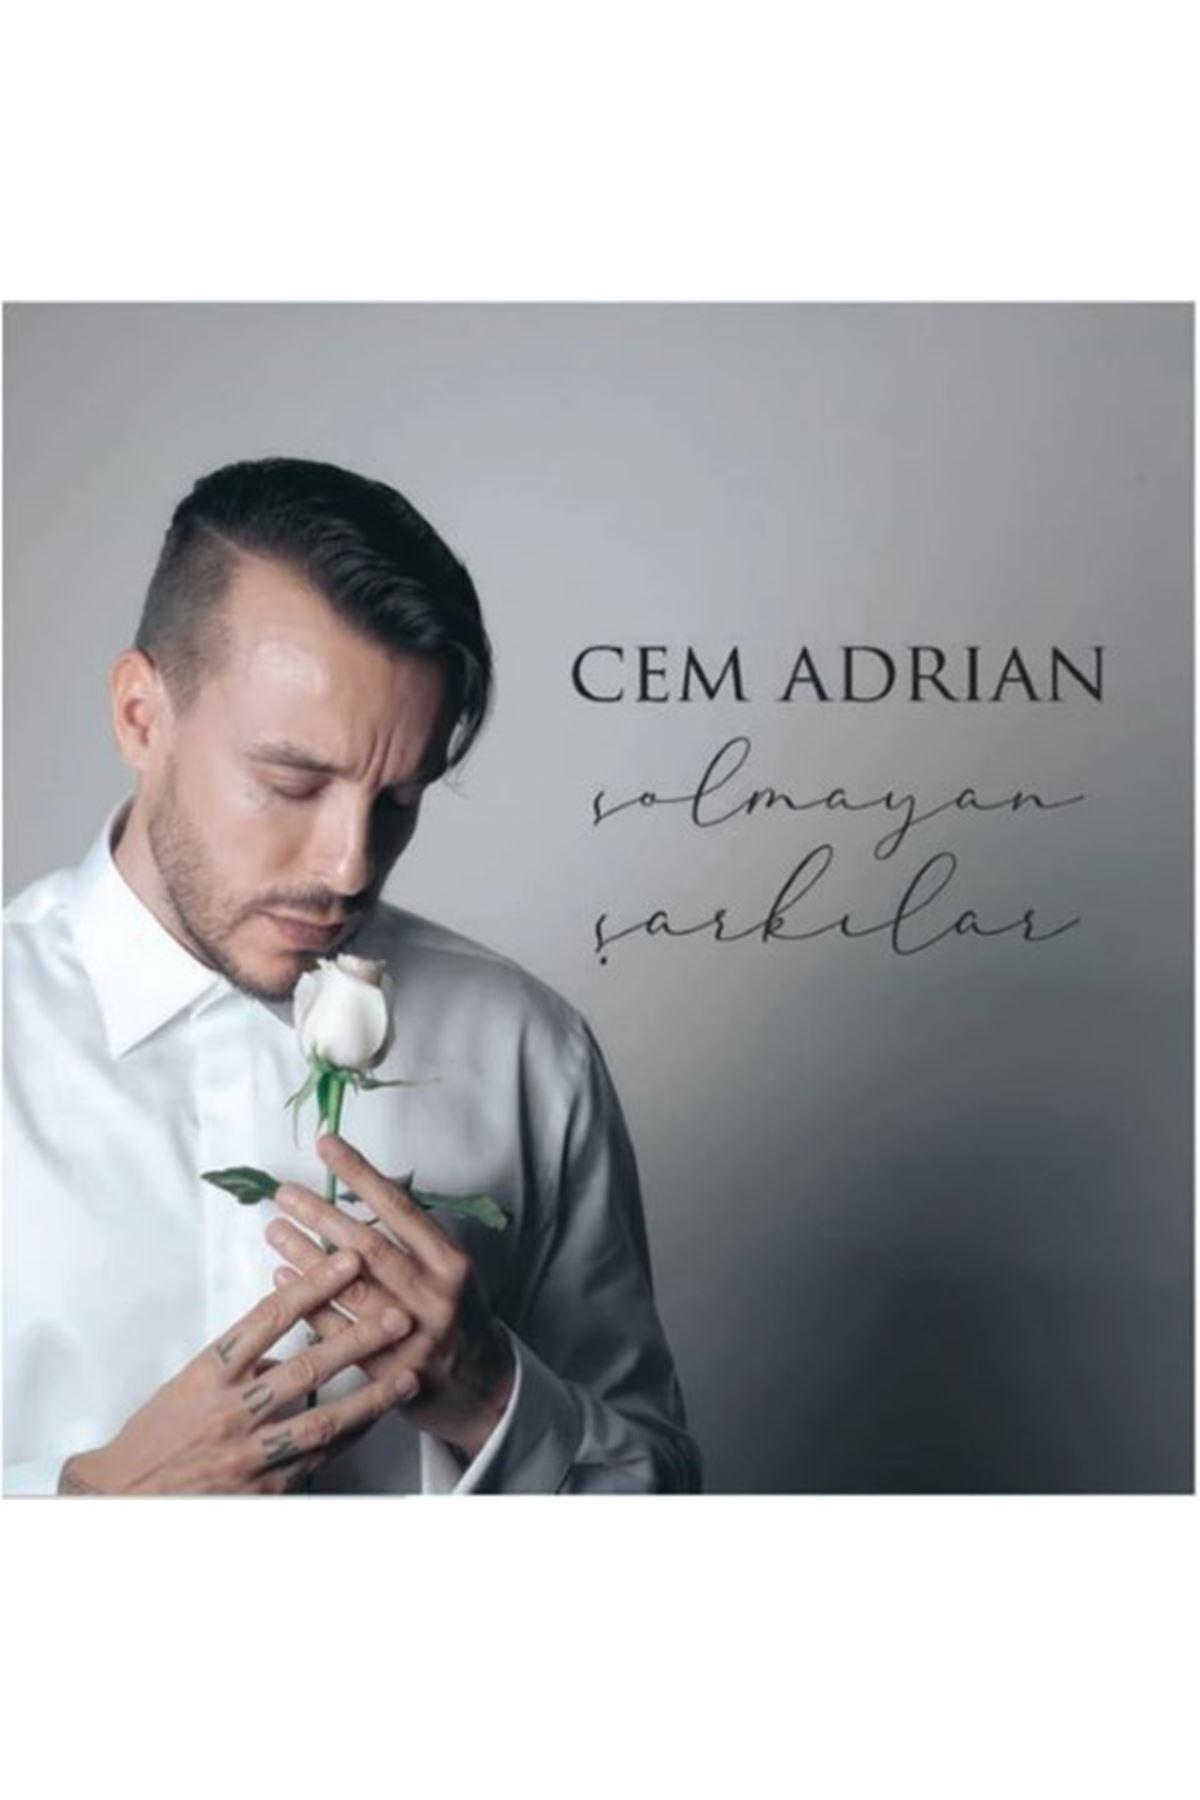 Cem Adrian - Solmayan Şarkılar 33'Lük Plak Ambalajında